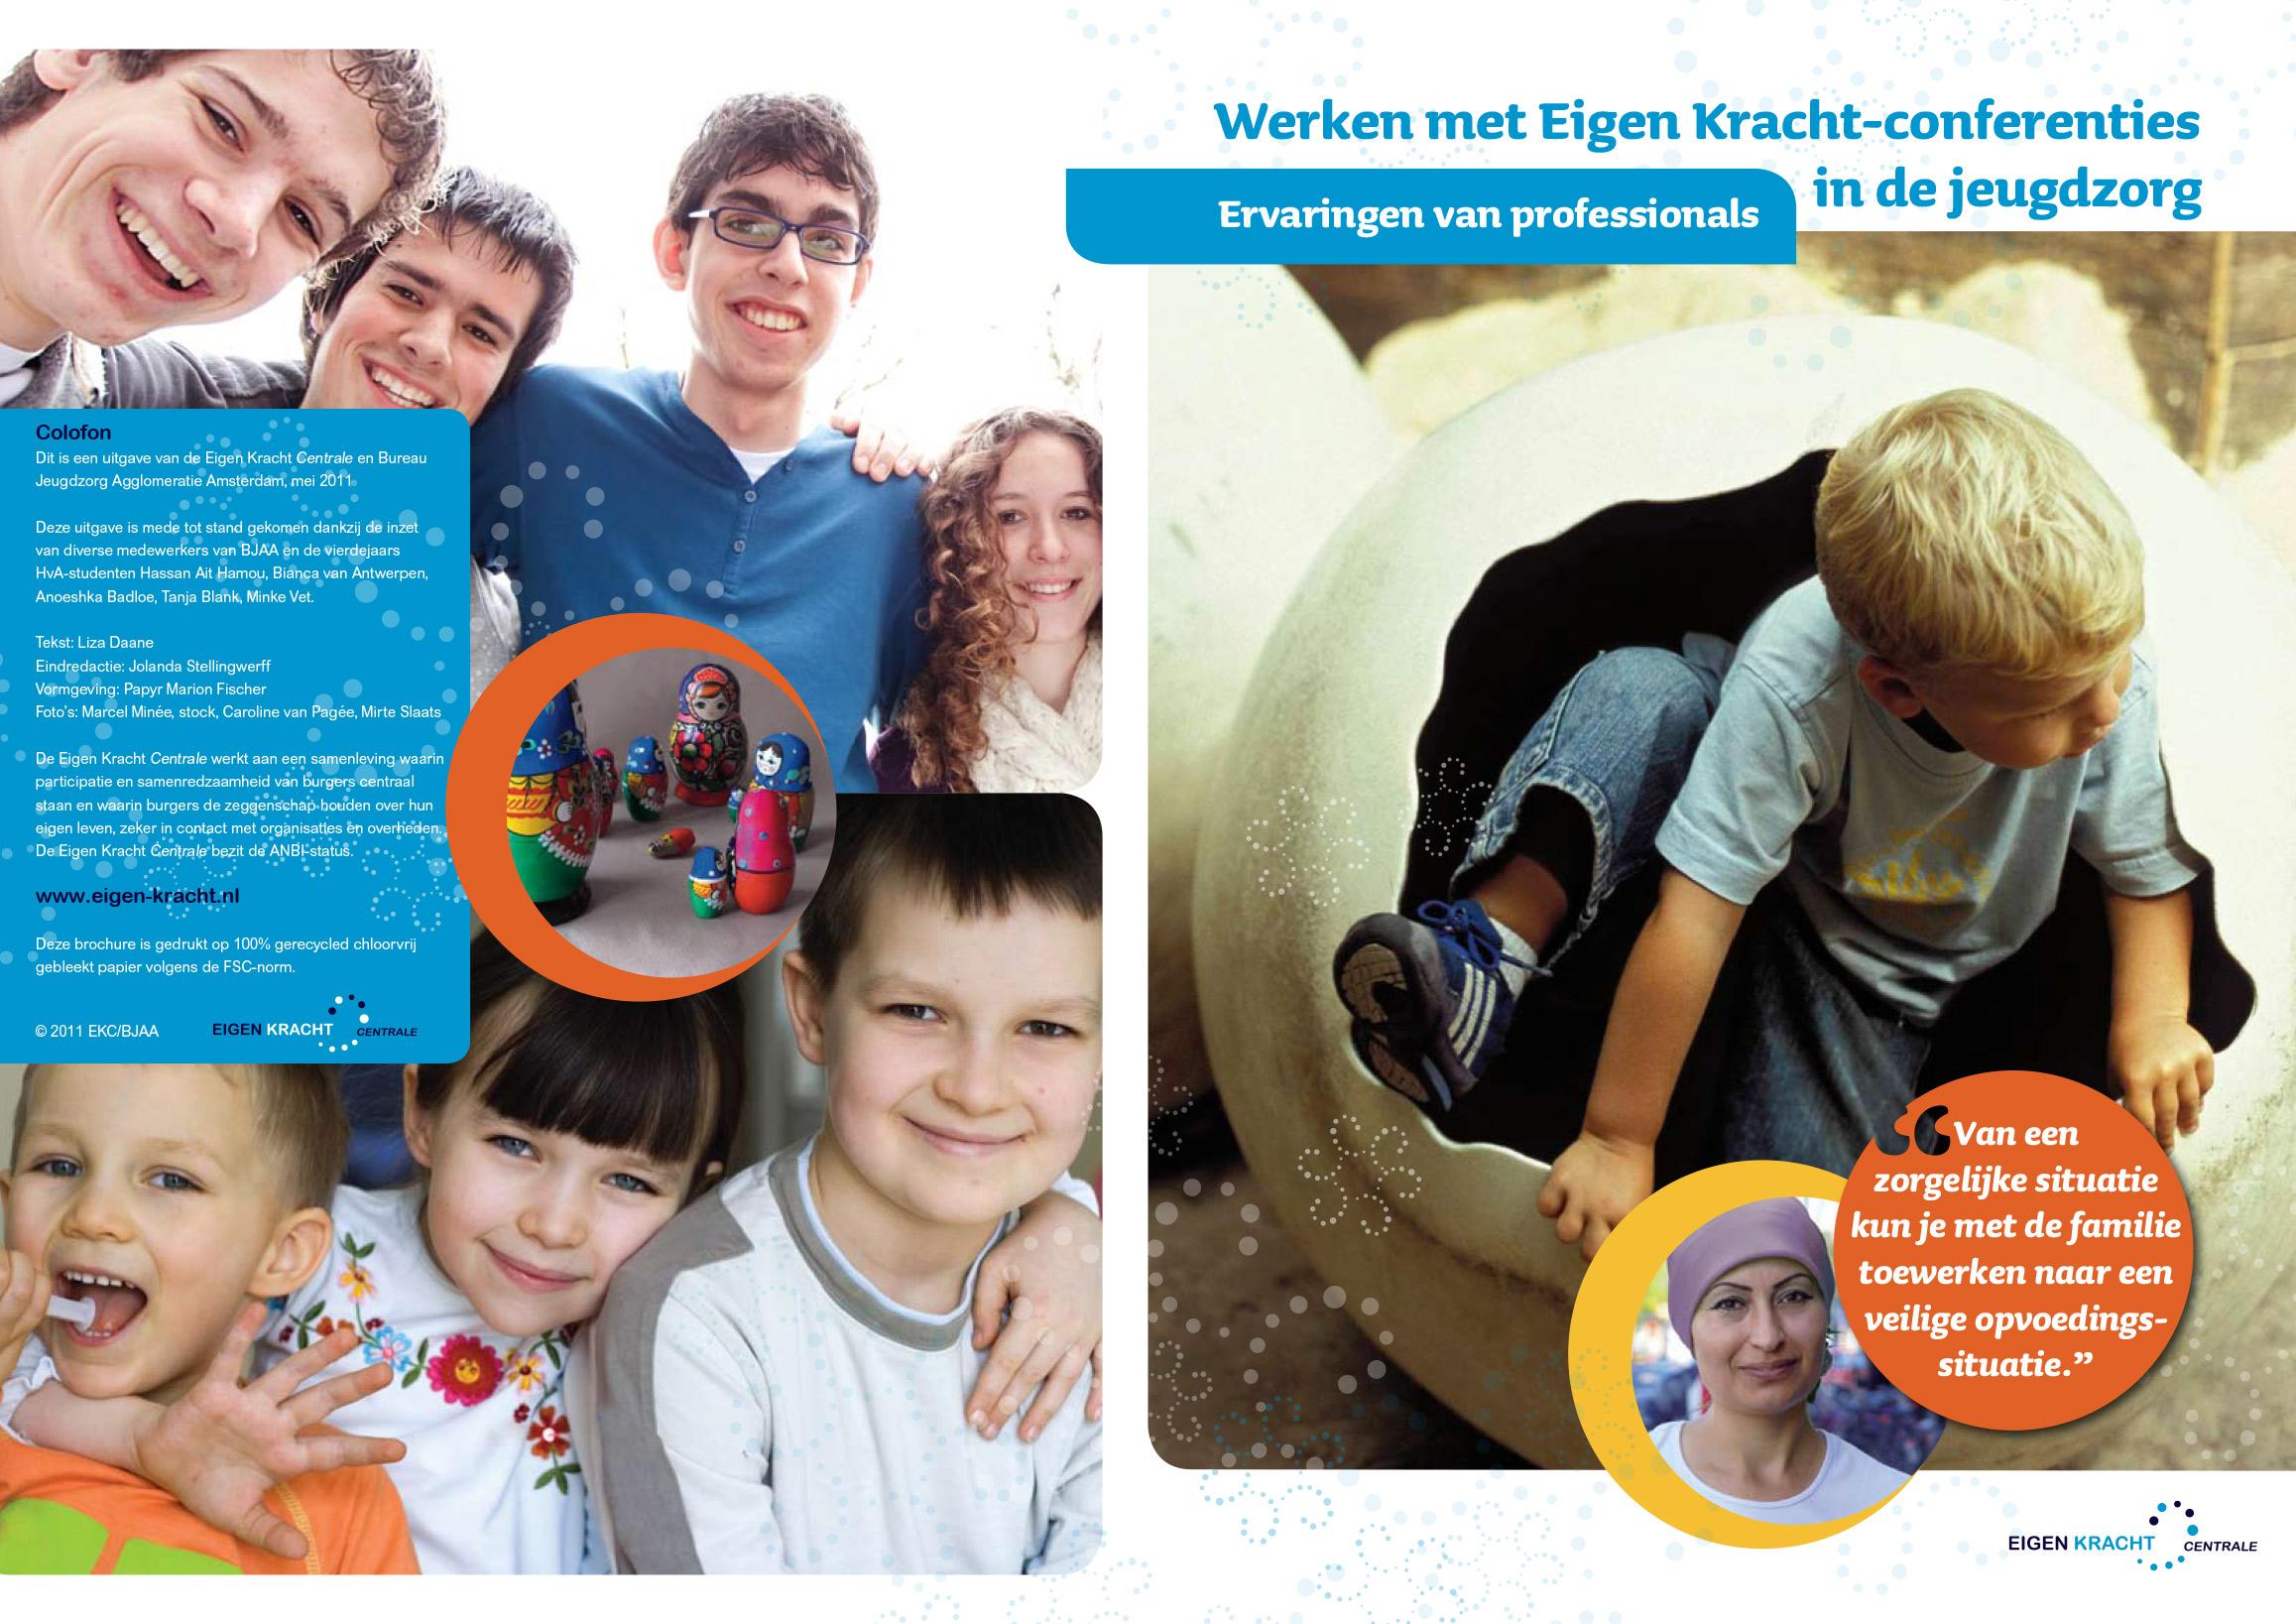 K-LR-jeugdzorg-magazine-EKC-kopie-1